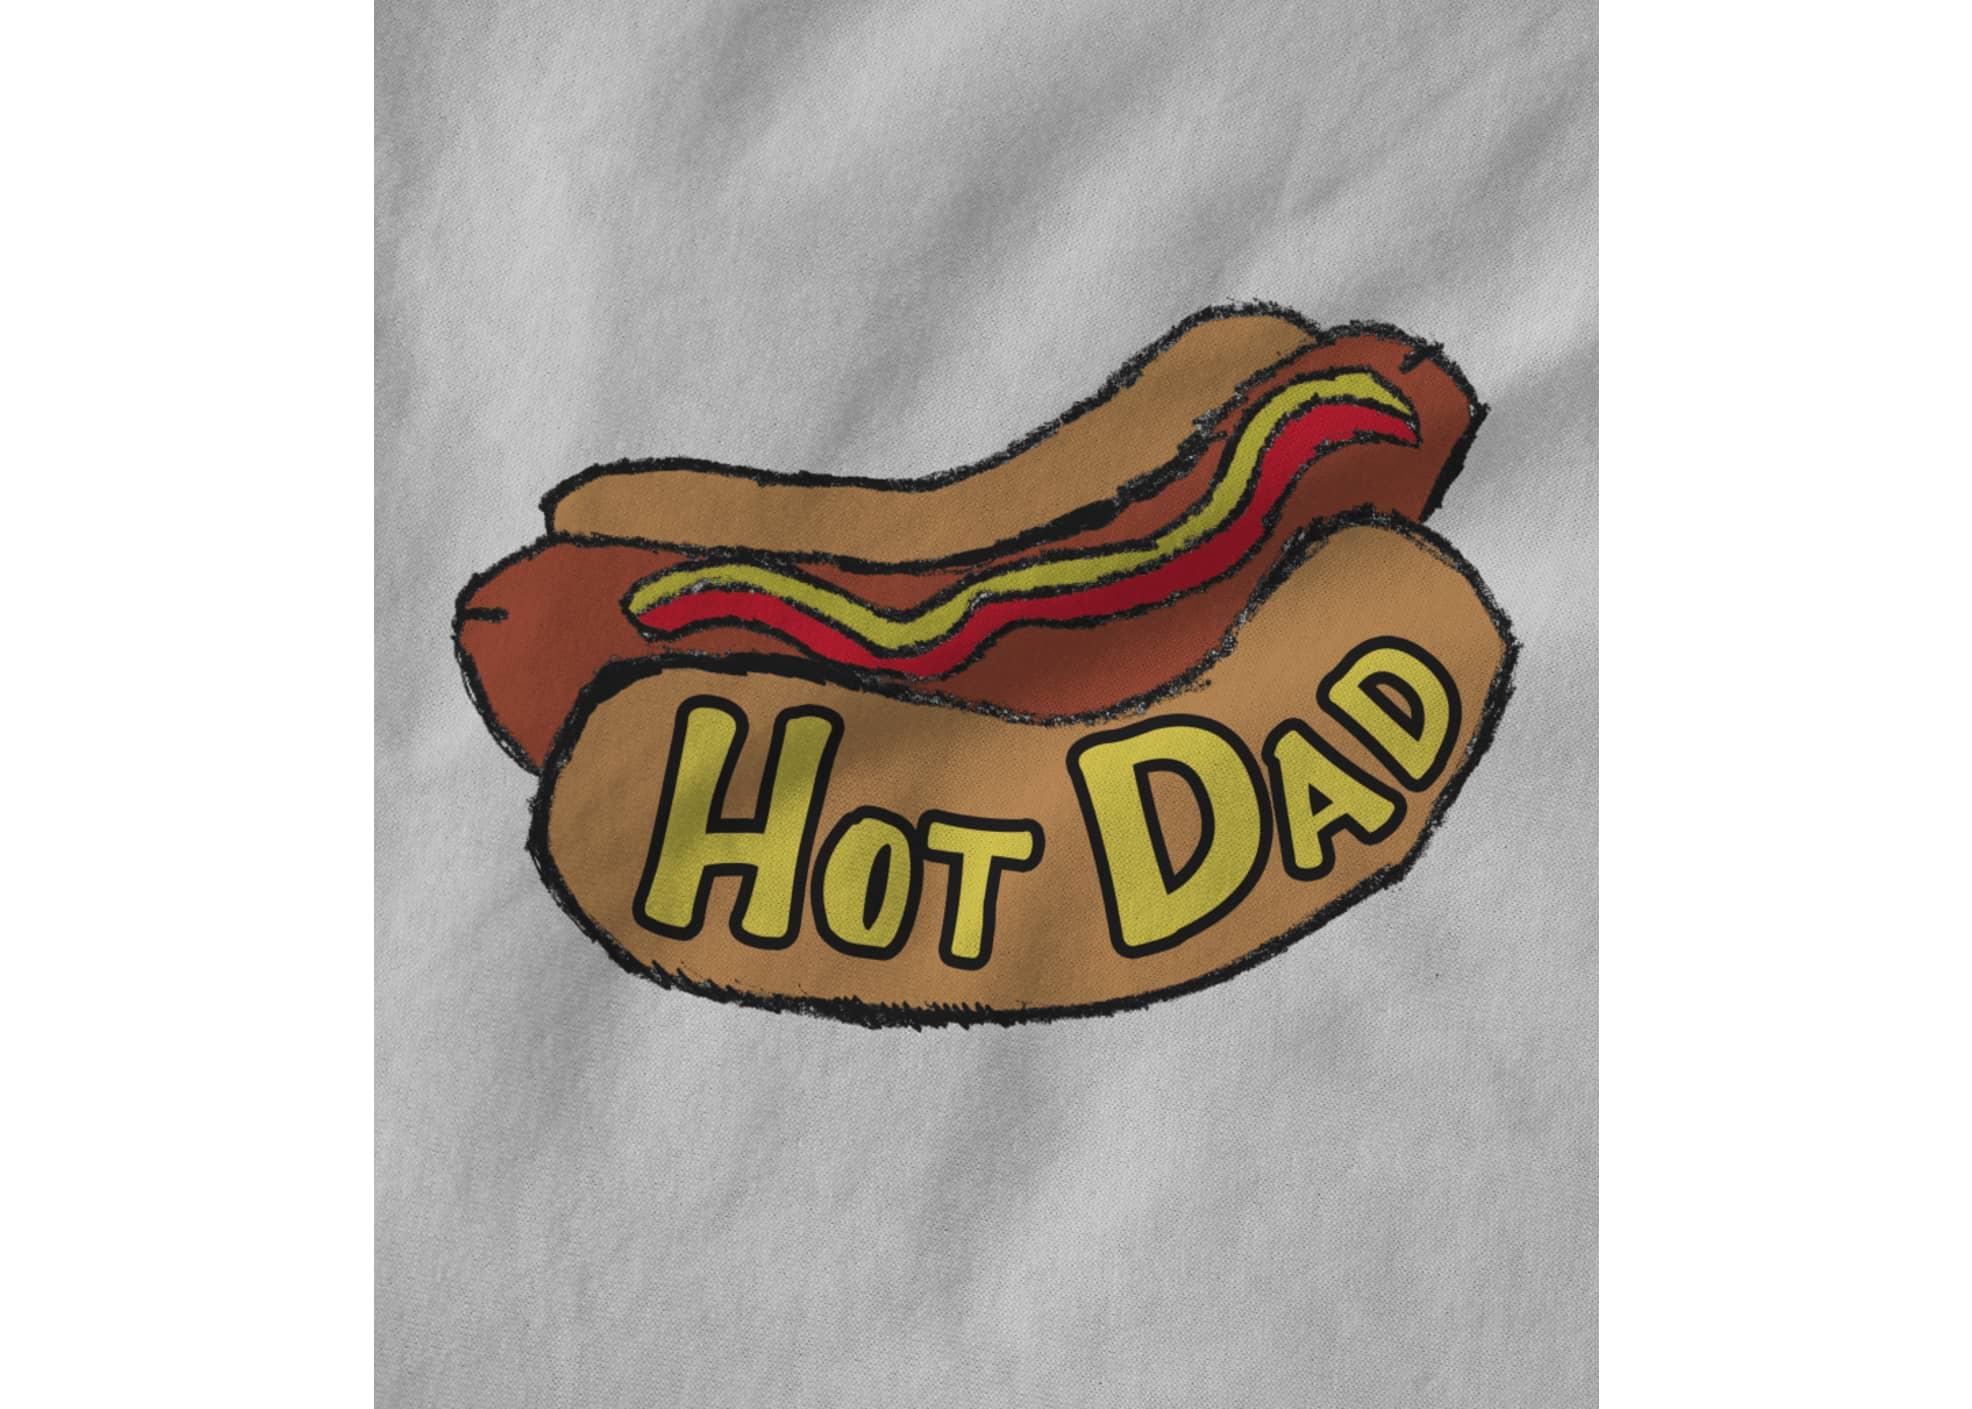 Hot dad hot dog 1472399289